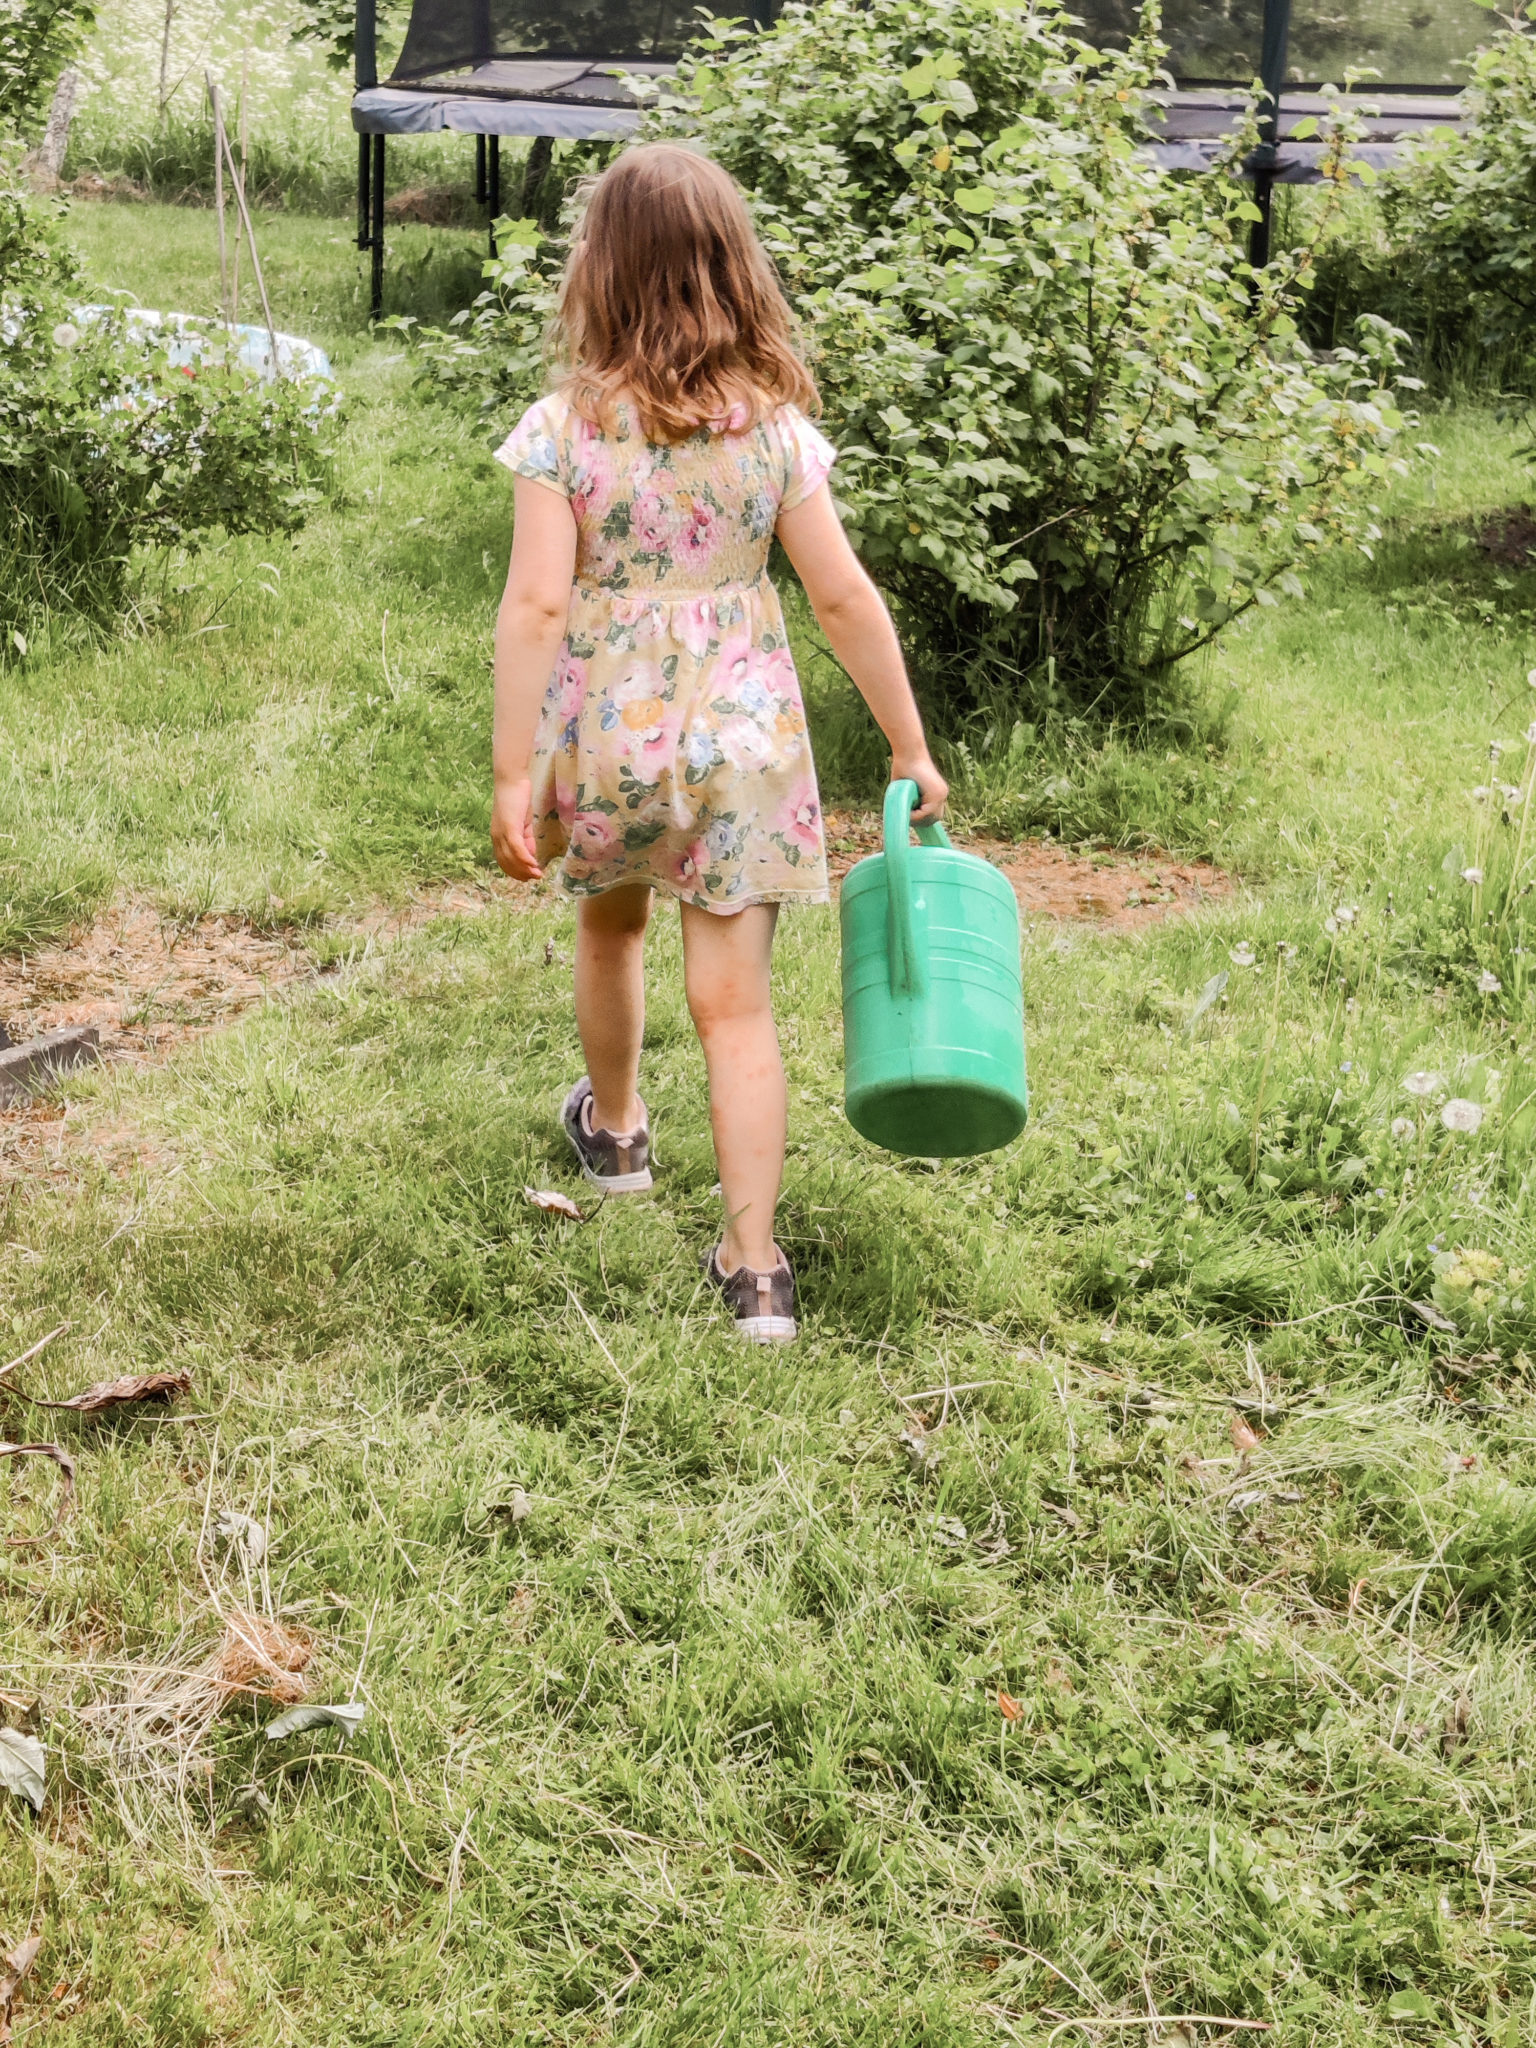 Ensimmäinen kesäviikonloppu - BMH - Big mamas home by Jenni